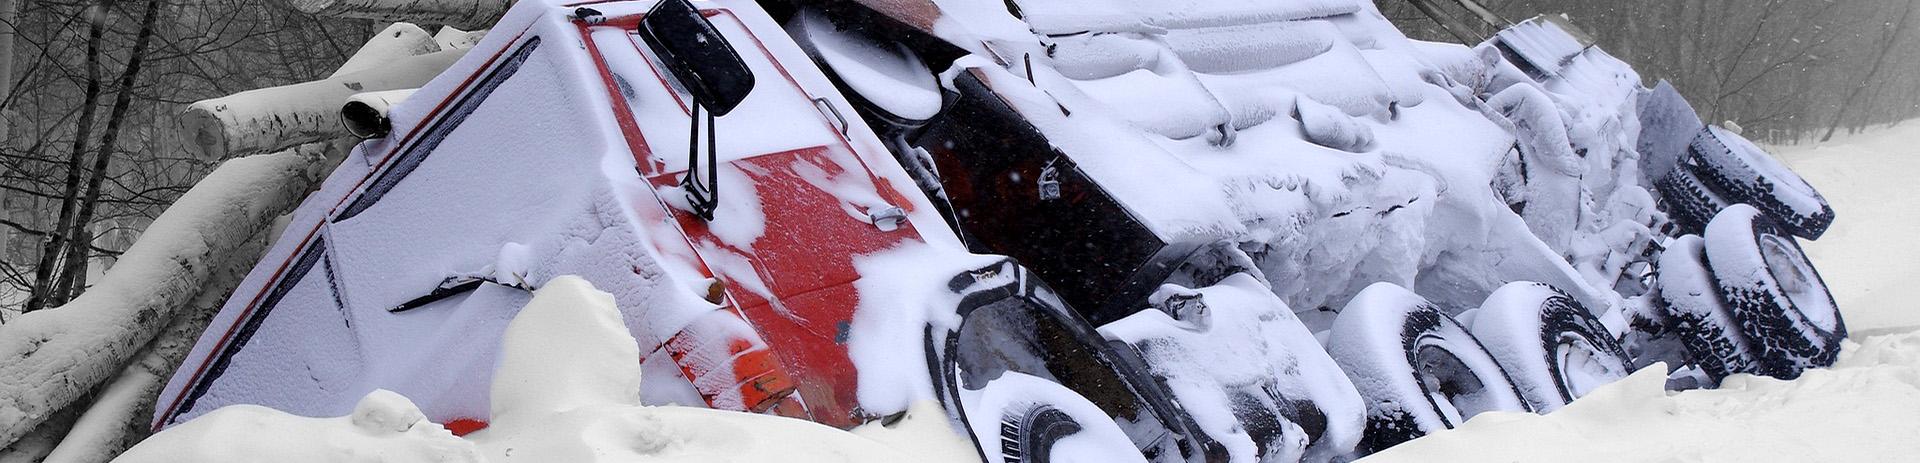 Letselschadevergoeding bij een ongeval door sneeuw of ijs | Letselschadebureau LetselPro